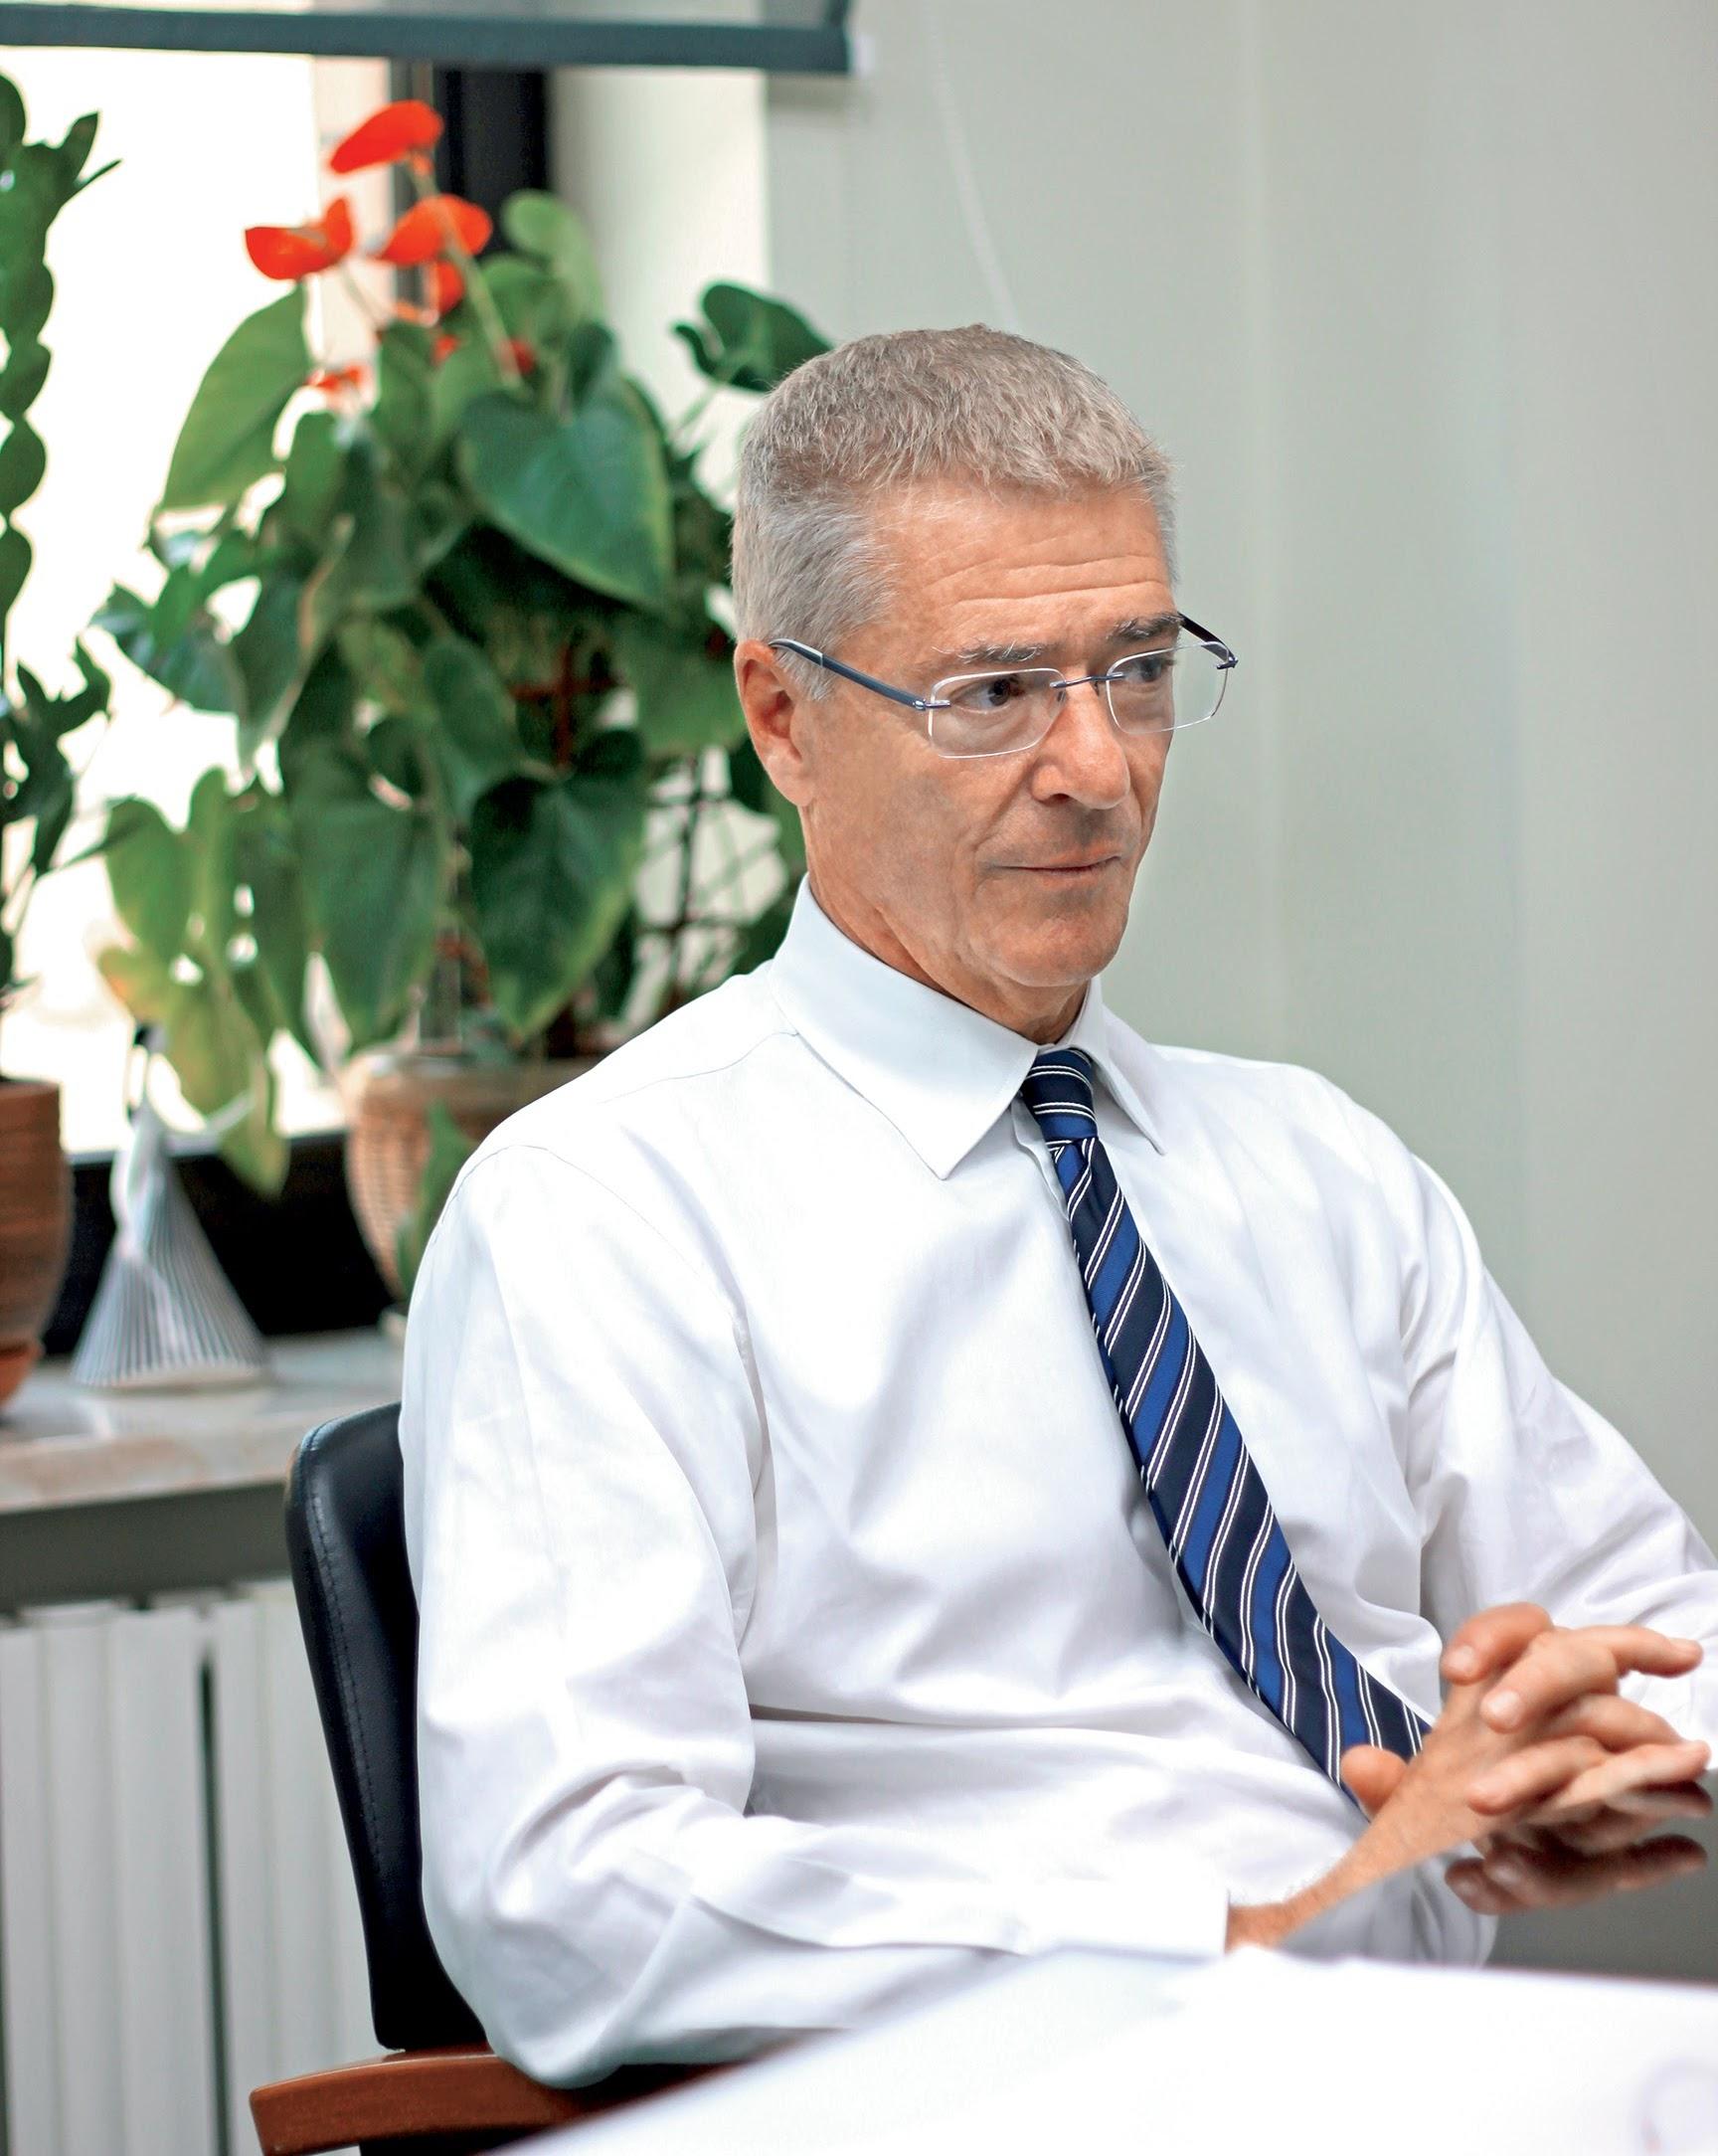 Жан-Поль Пьотровски, Креди Агриколь Банк: Когда банк и фермер – партнеры